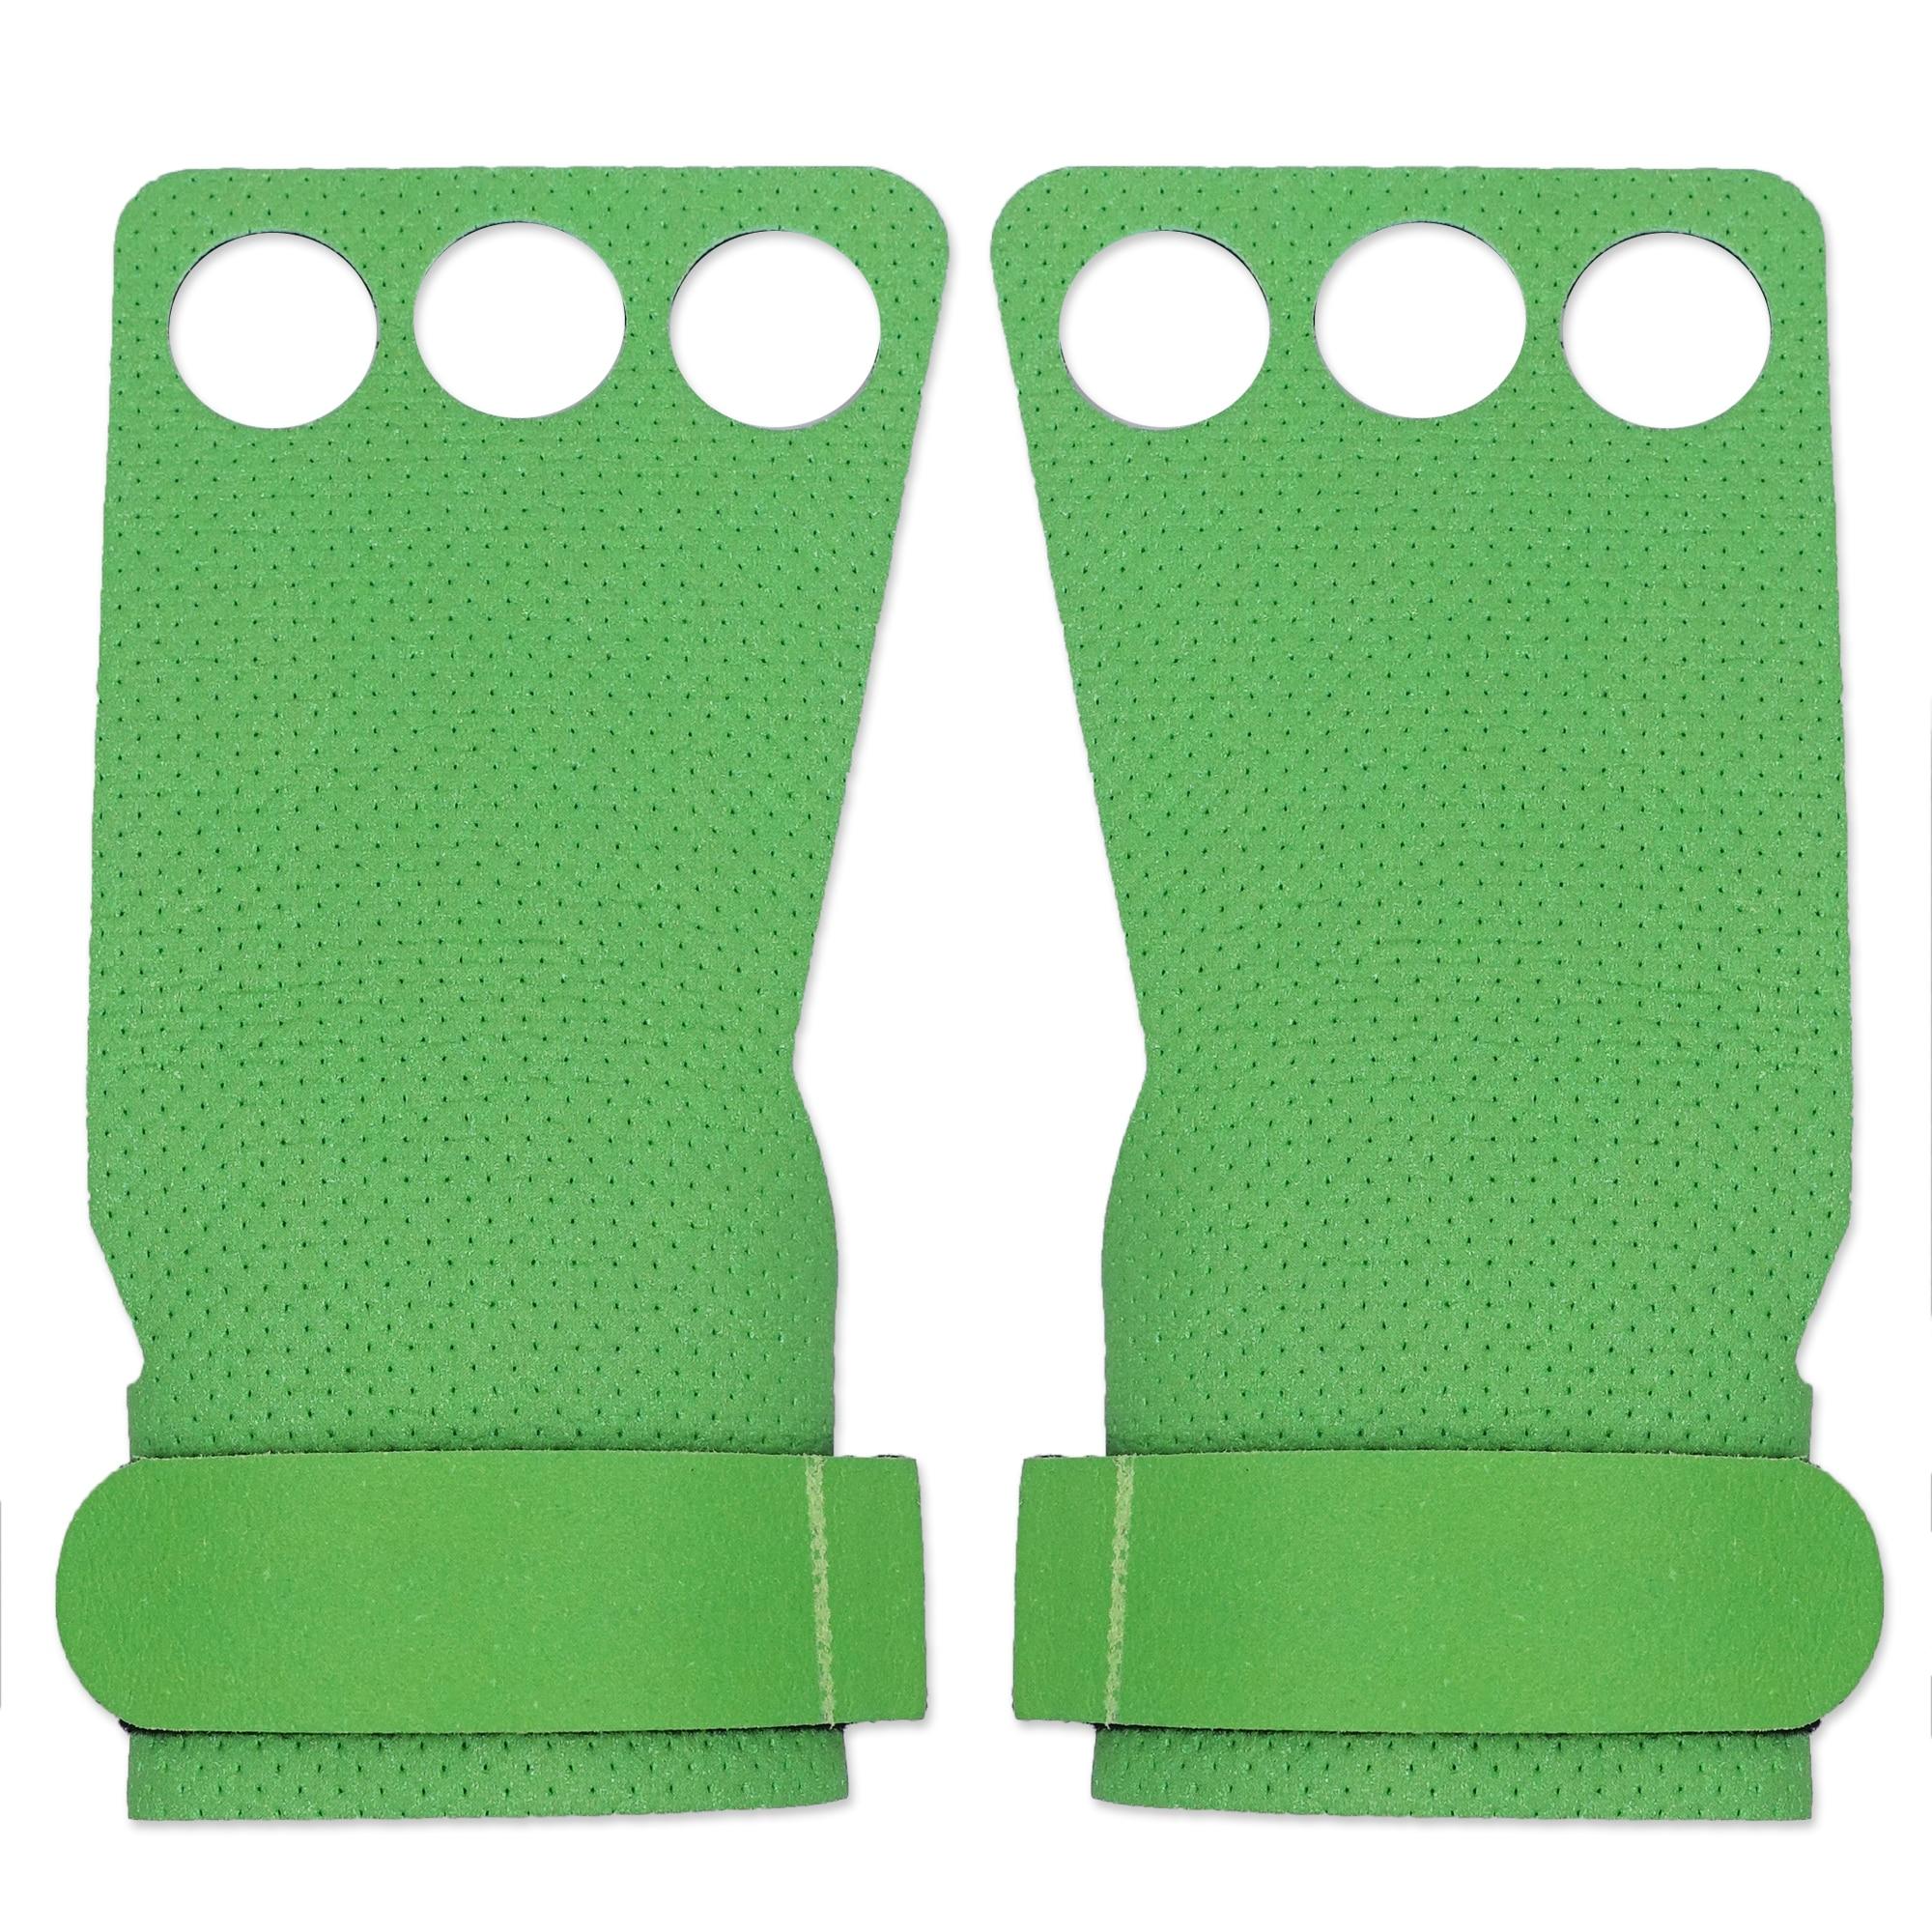 Тренажерный зал ручной захват для занятий Кроссфитом защита ладони для фитнеса Тяжелая атлетика Бодибилдинг тяги Ups перчатки для тренировки Kettlebell поддержка запястья